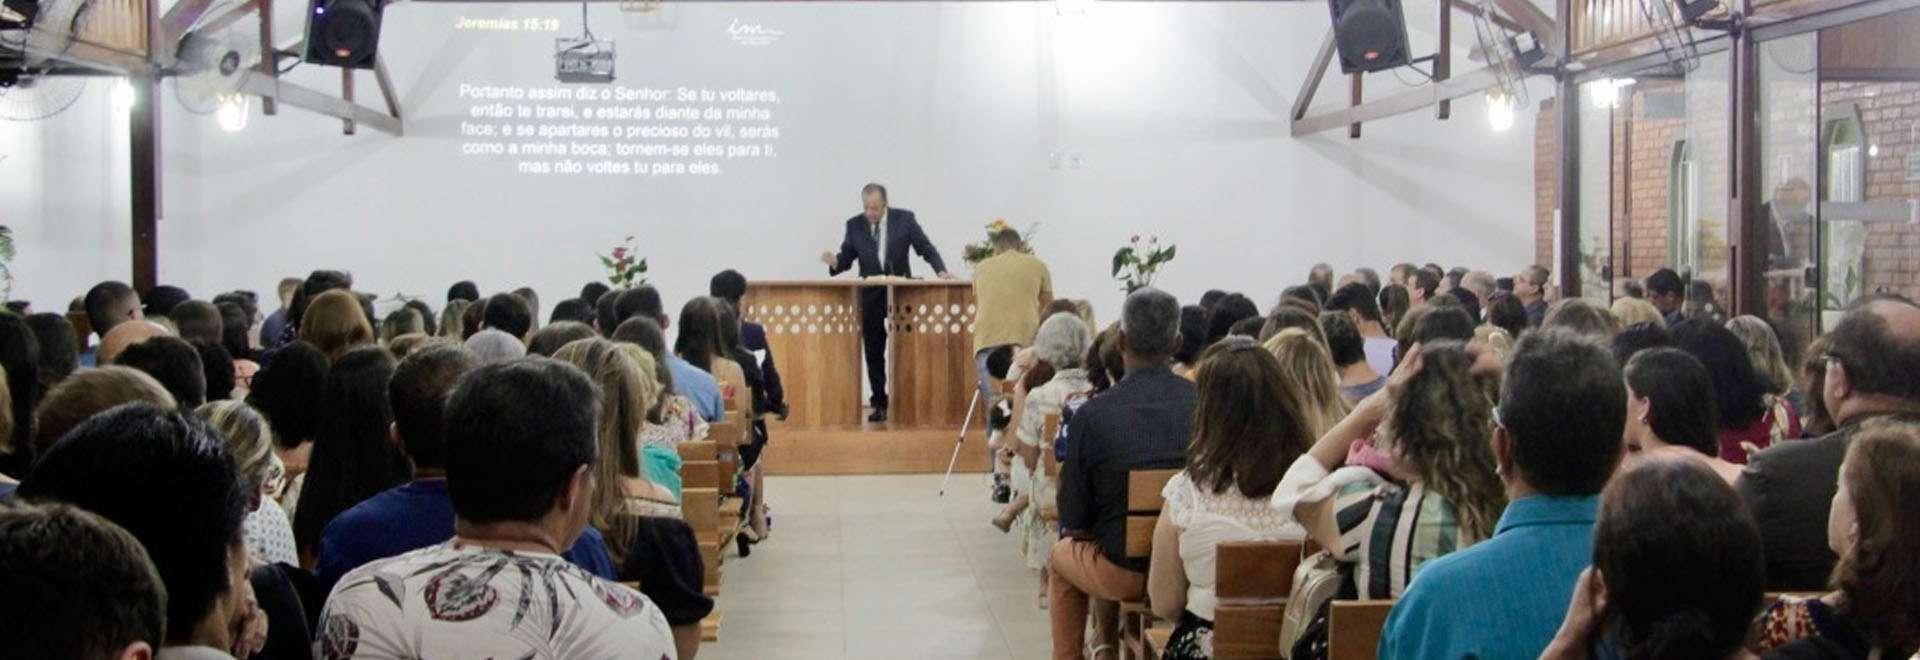 Novos templos da Igreja Cristã Maranata são consagrados em Minas Gerais e Paraná